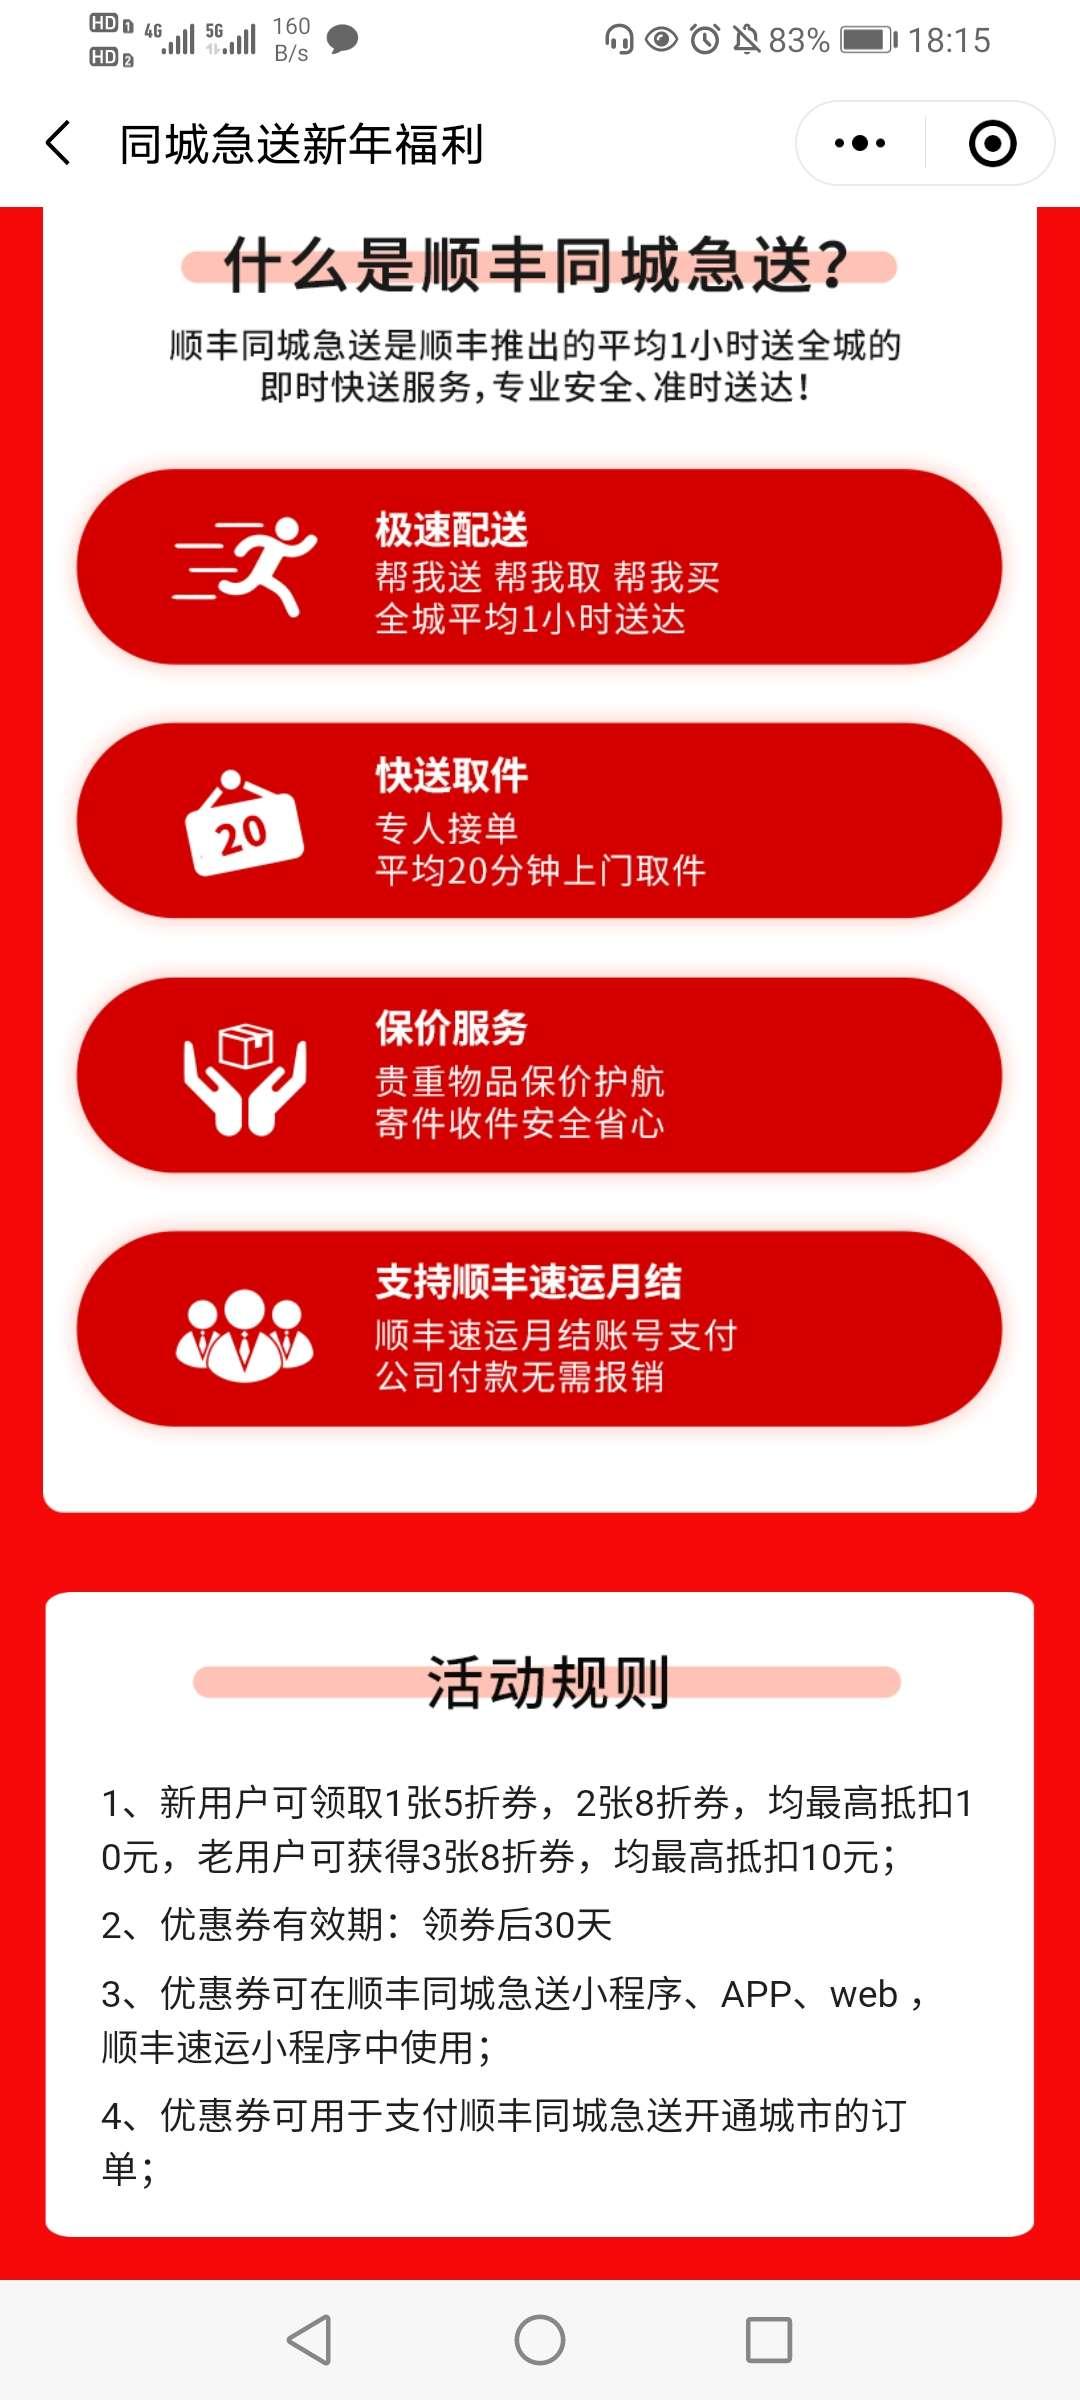 图片[3]-顺丰同城寄送领优惠券-老友薅羊毛活动线报网